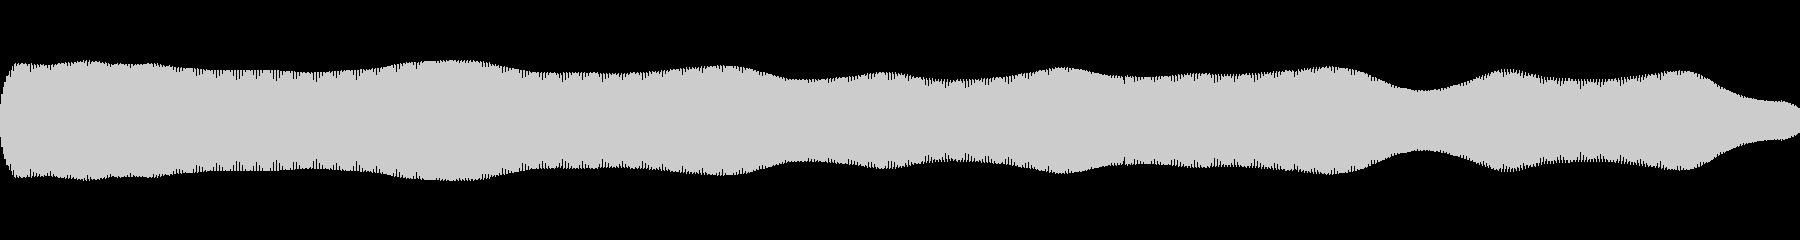 中電気ハム、電気、アーキング、スパークの未再生の波形